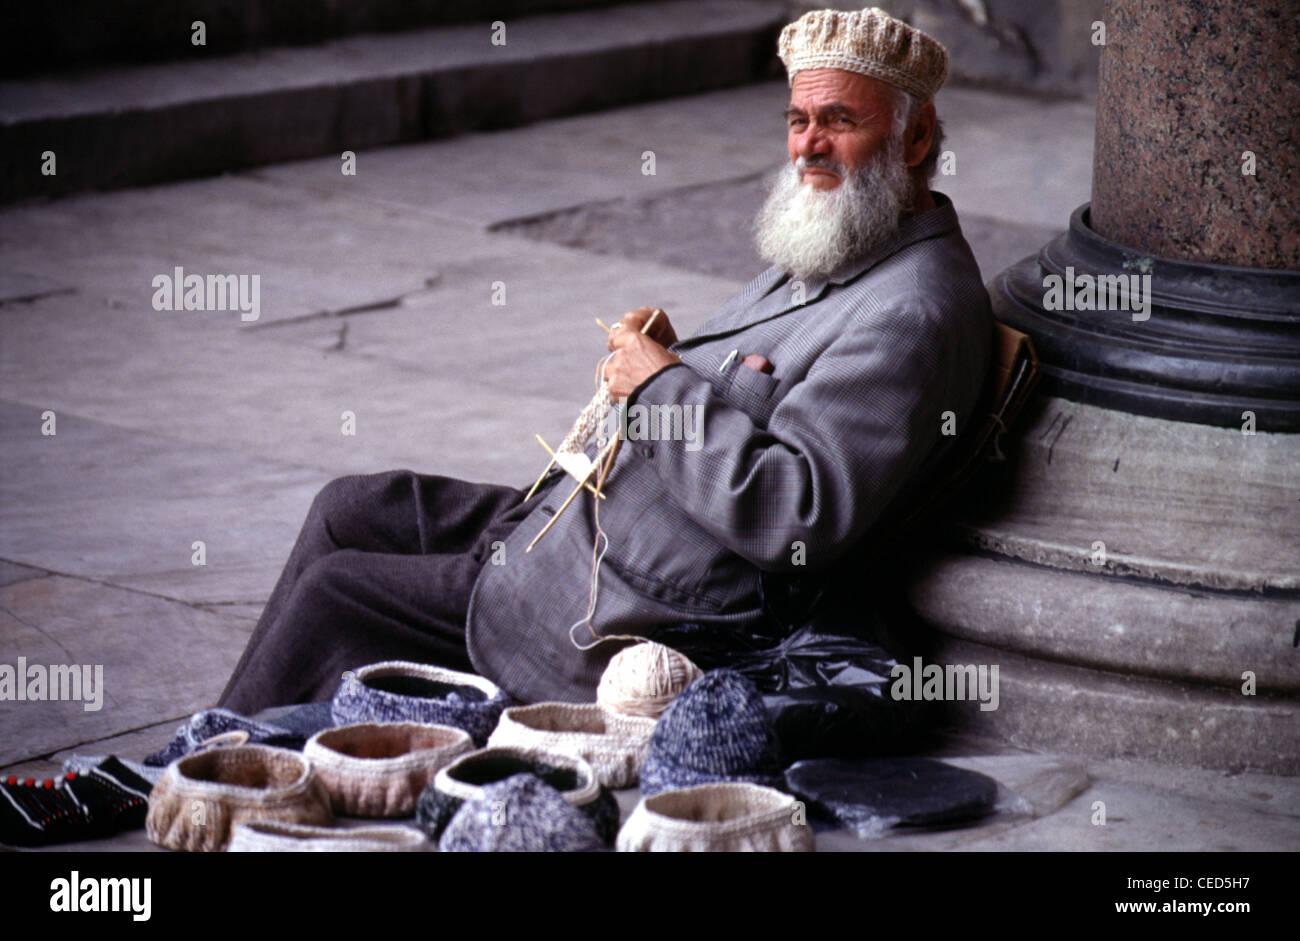 81d5edd082343 Anciano tejer lana tradicional sombreros de Fez en el distrito de  Sultanahmet de Estambul TURQUÍA Imagen